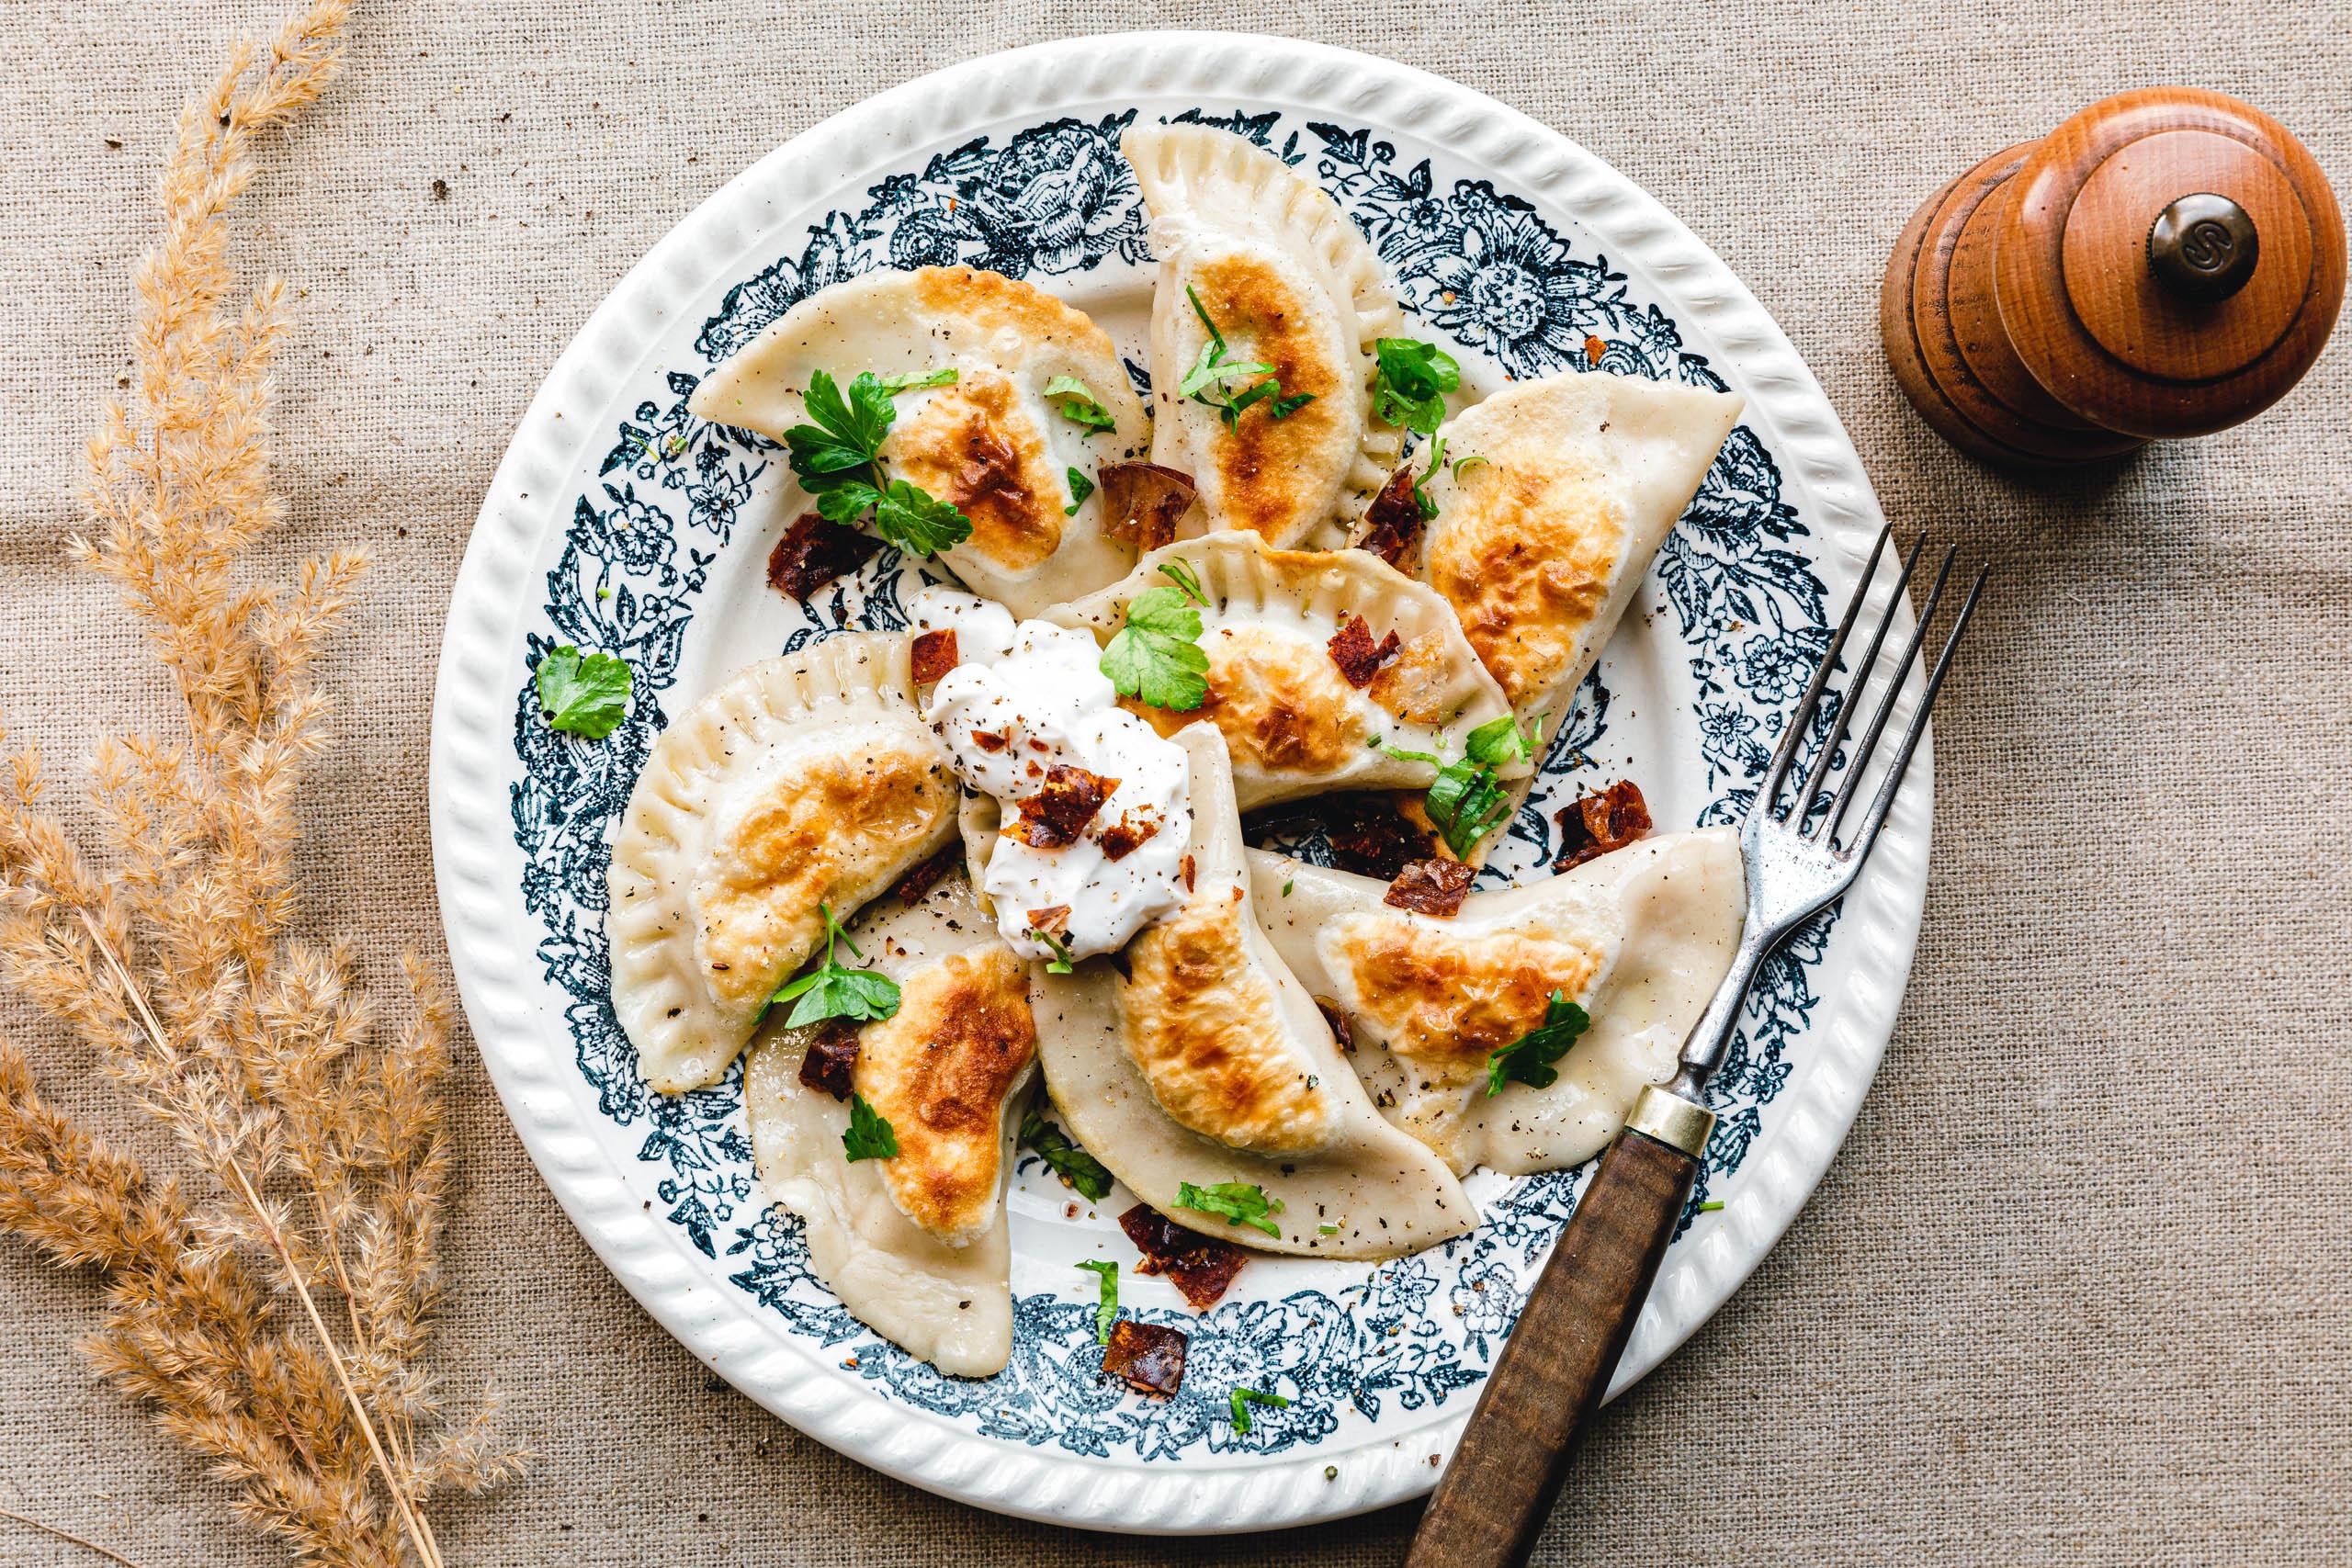 Vegane Piroggen mit Kartoffeln, Sauerkraut und Pilzen